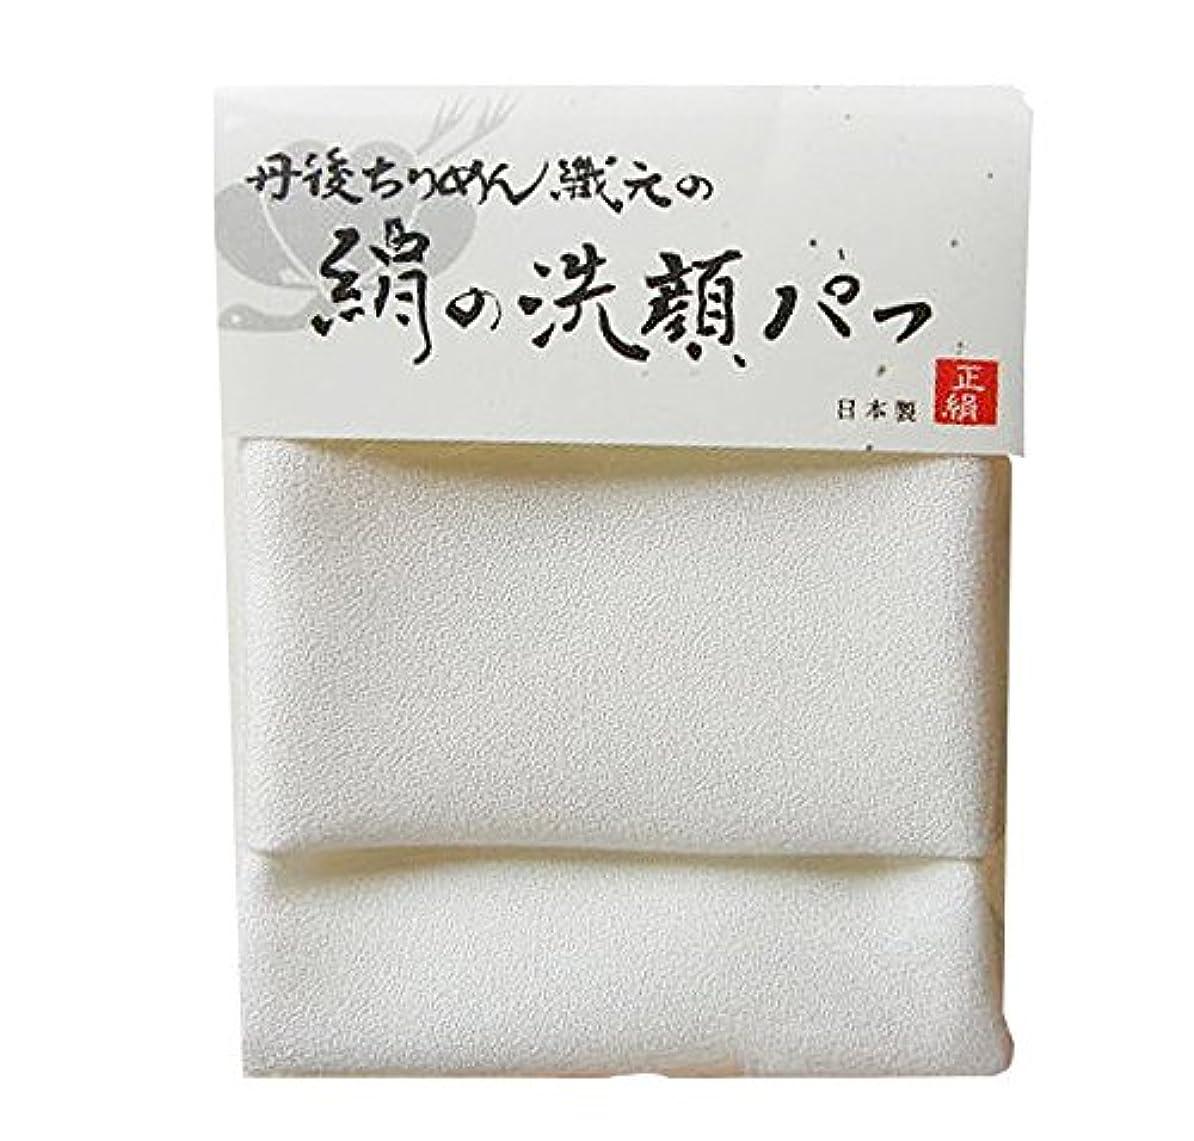 いつ北へ異なる【NHKイッピンで紹介!】丹後ちりめん織元の絹の洗顔パフ